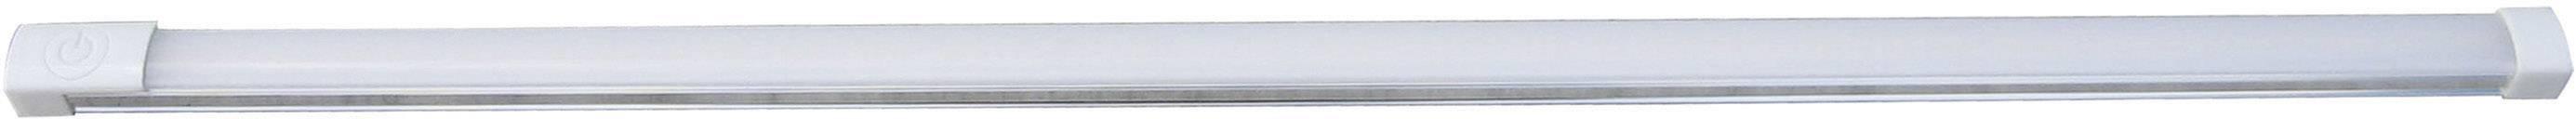 LED svetelná lišta, základná sada DioDor DIO-TL100-SP-FW, 16 W, 100 cm, chladná biela, biela